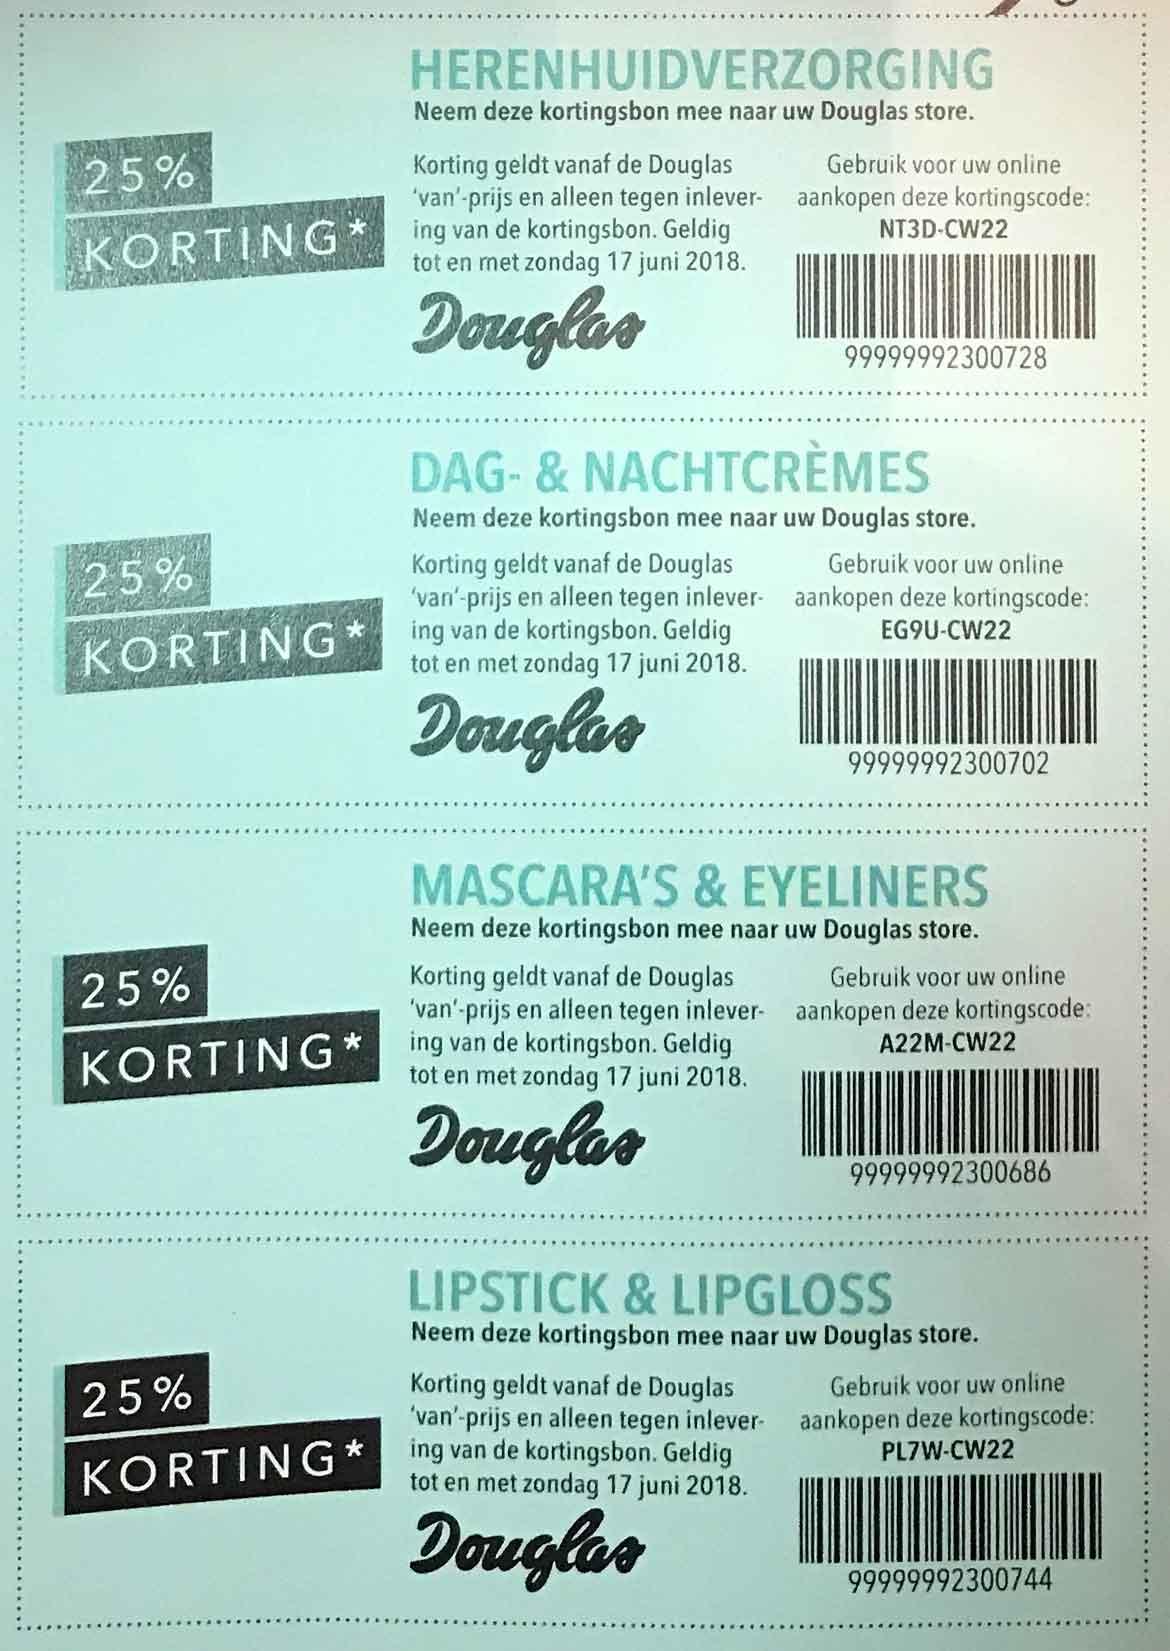 douglas-kortingsbon-kortingscode